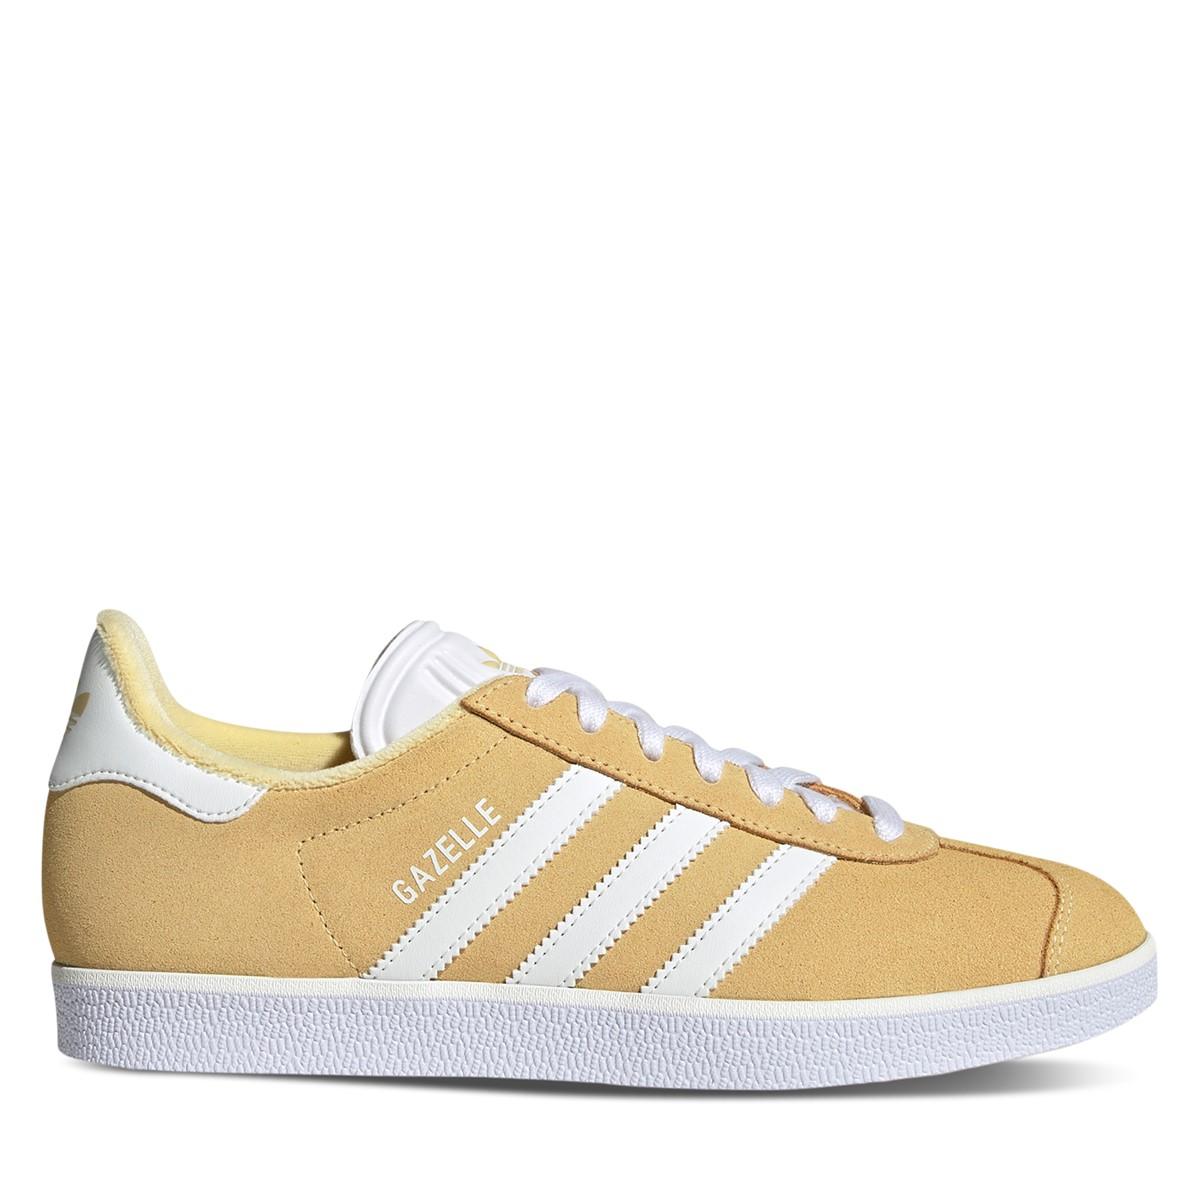 Women's Gazelle Sneakers in Yellow/ White